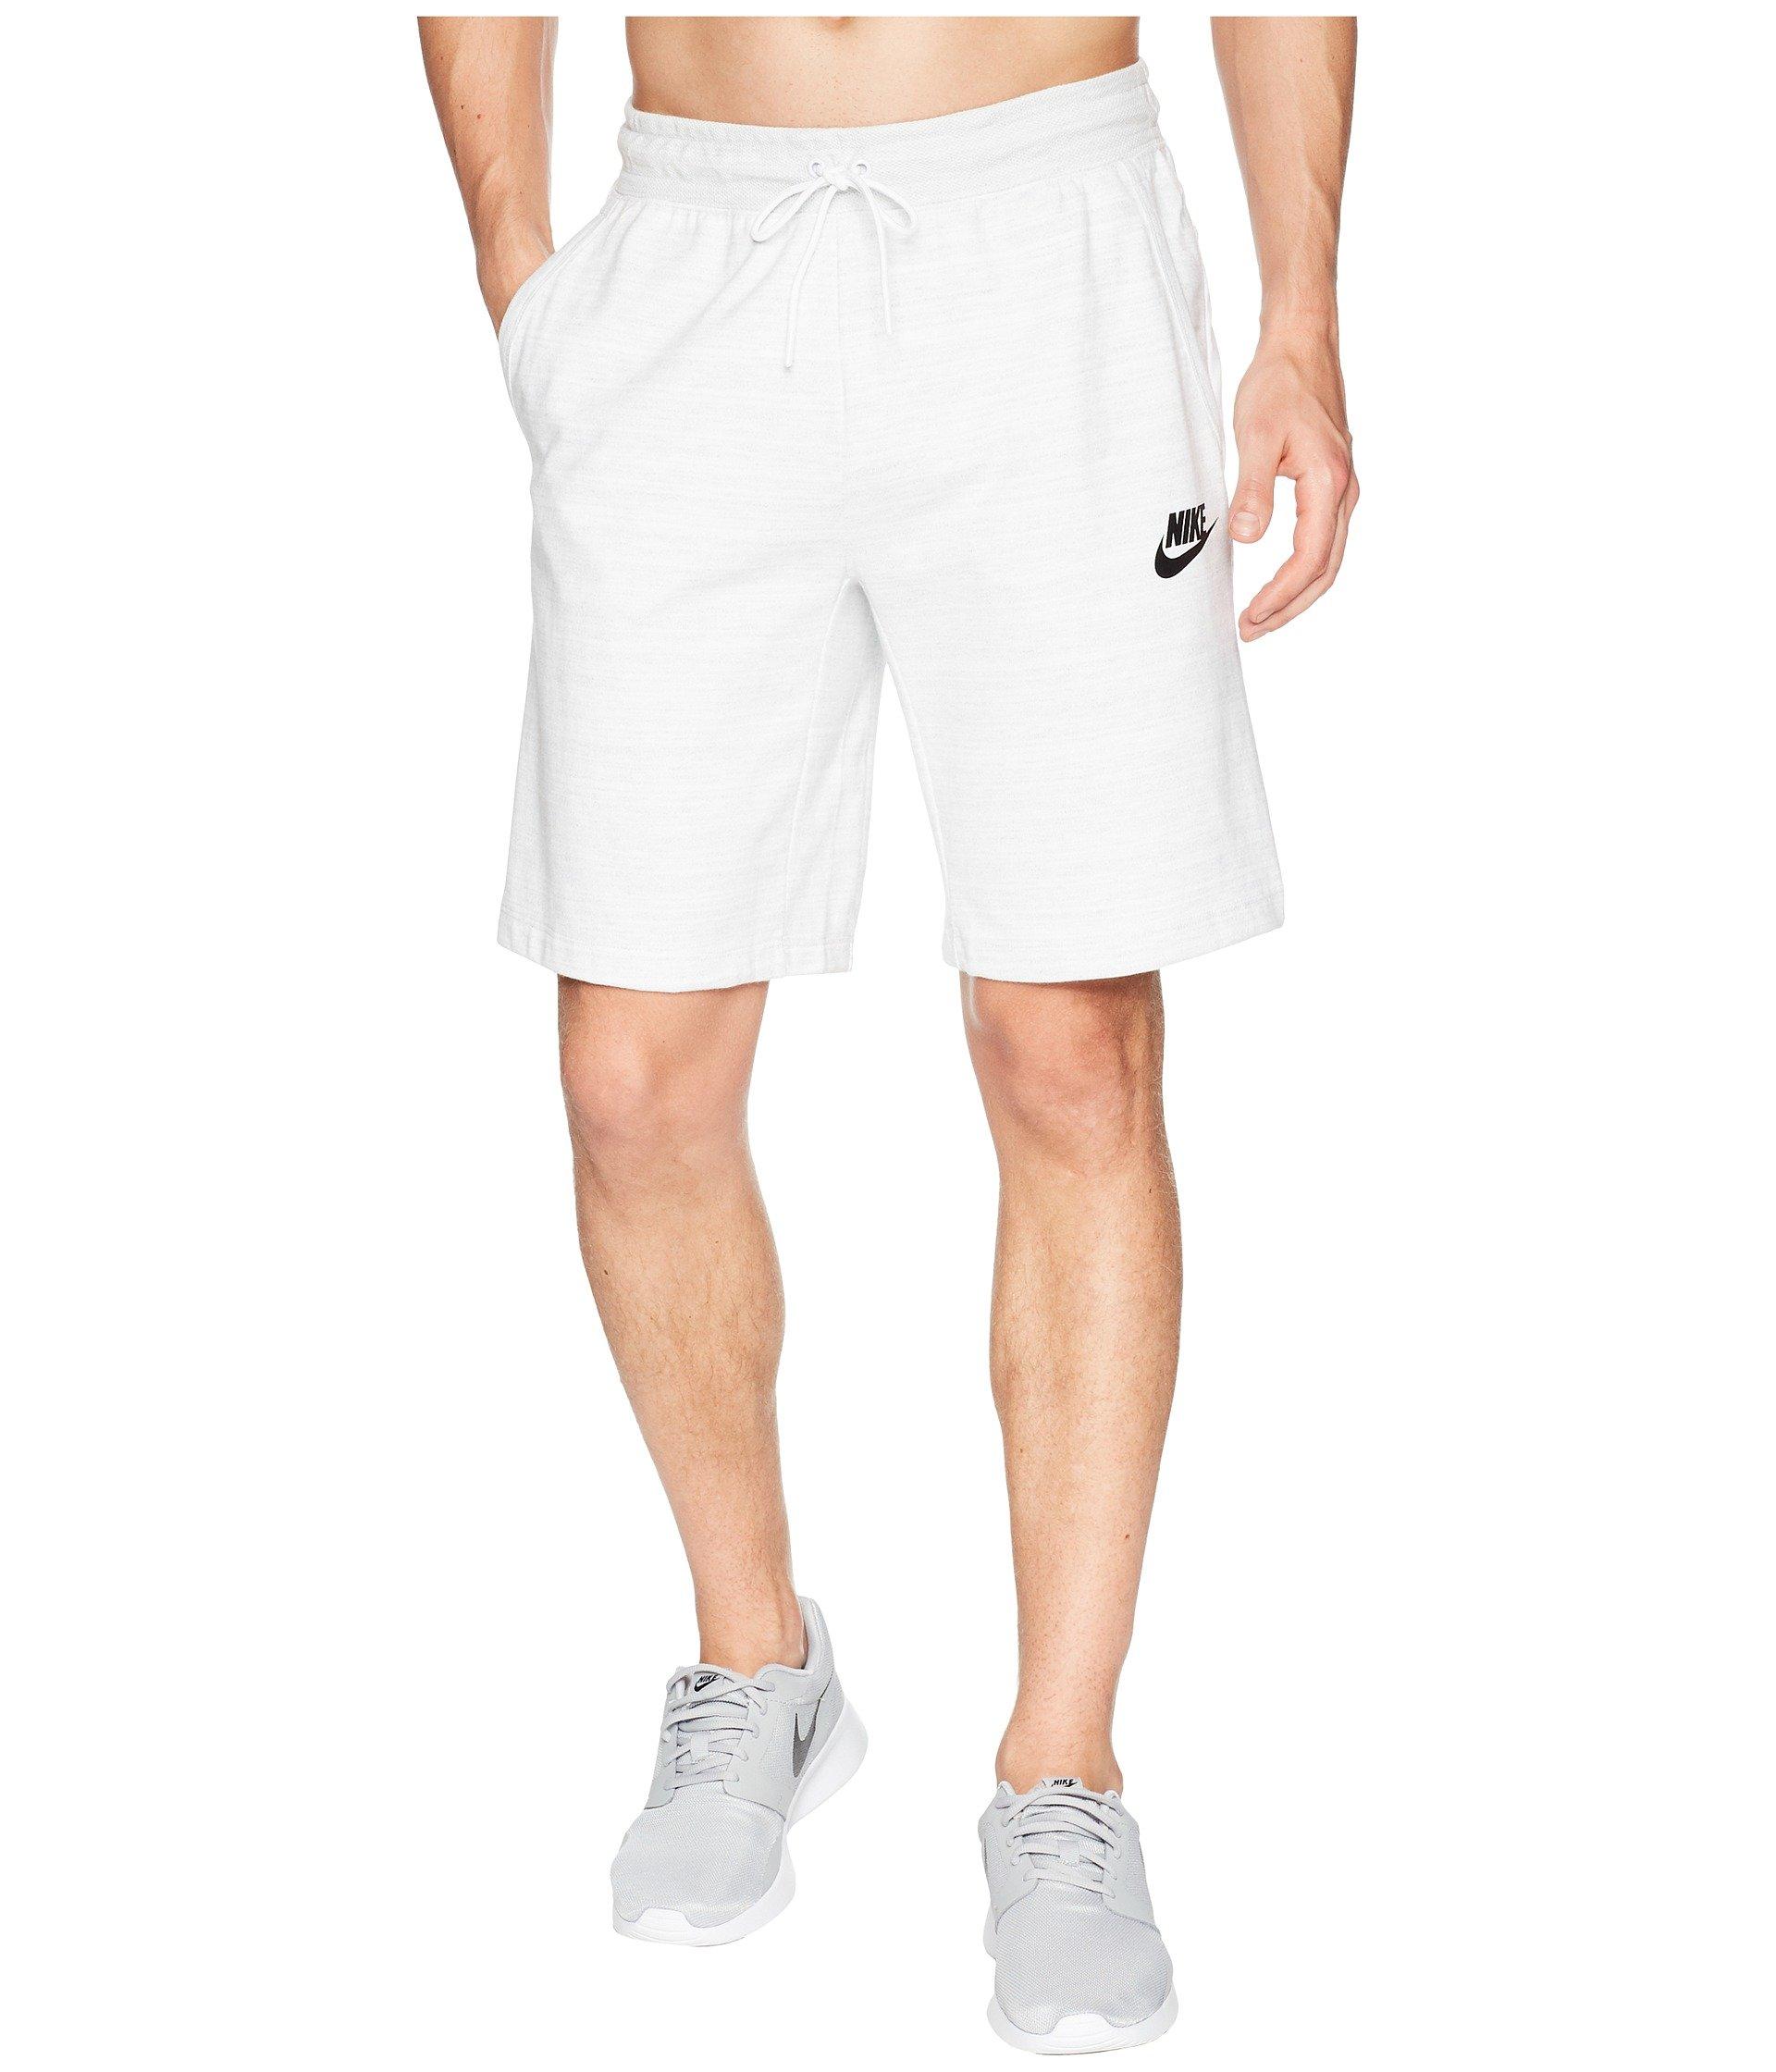 Nike Men's Advance 15 Knit Shorts White/Black (Medium)